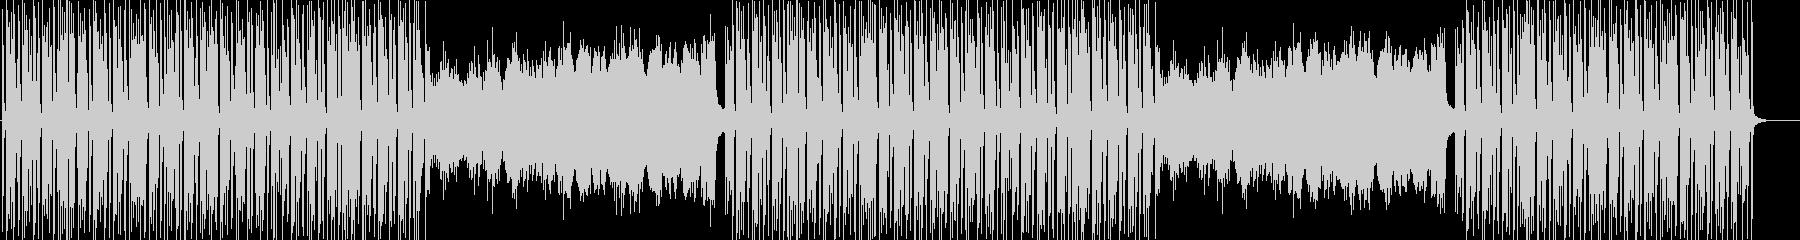 ほのぼのかわいい日常系BGMの未再生の波形